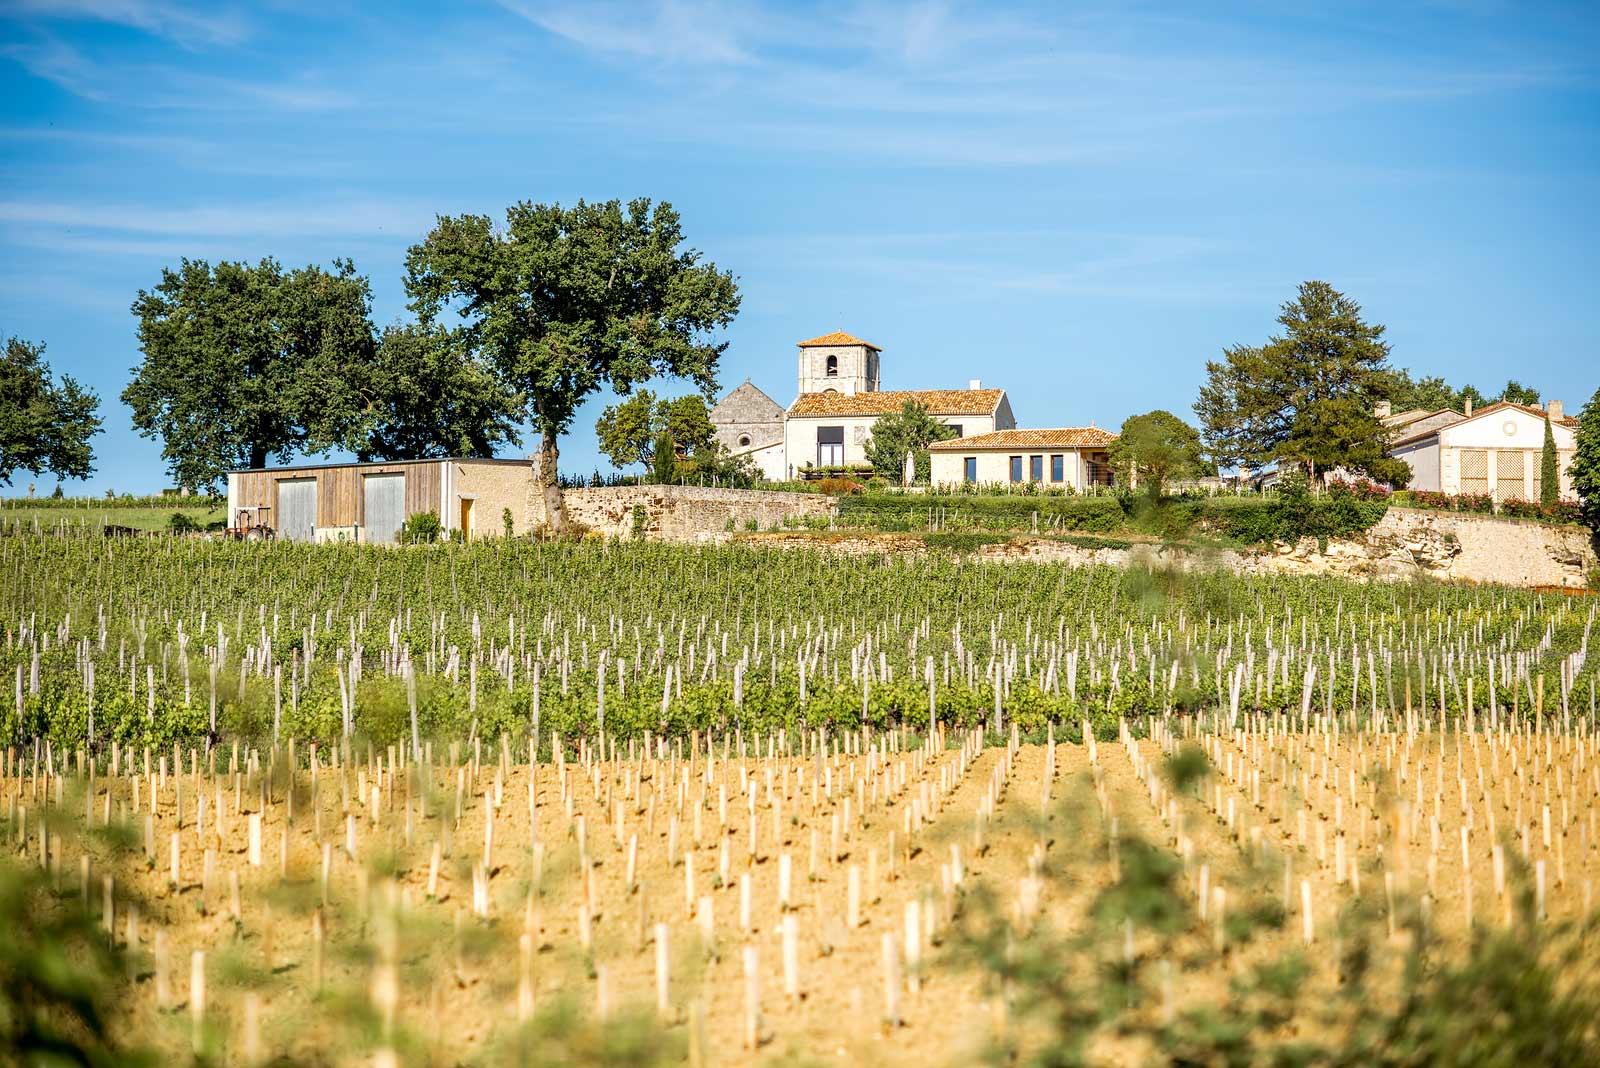 Lowland vineyard near Saint-Émilion